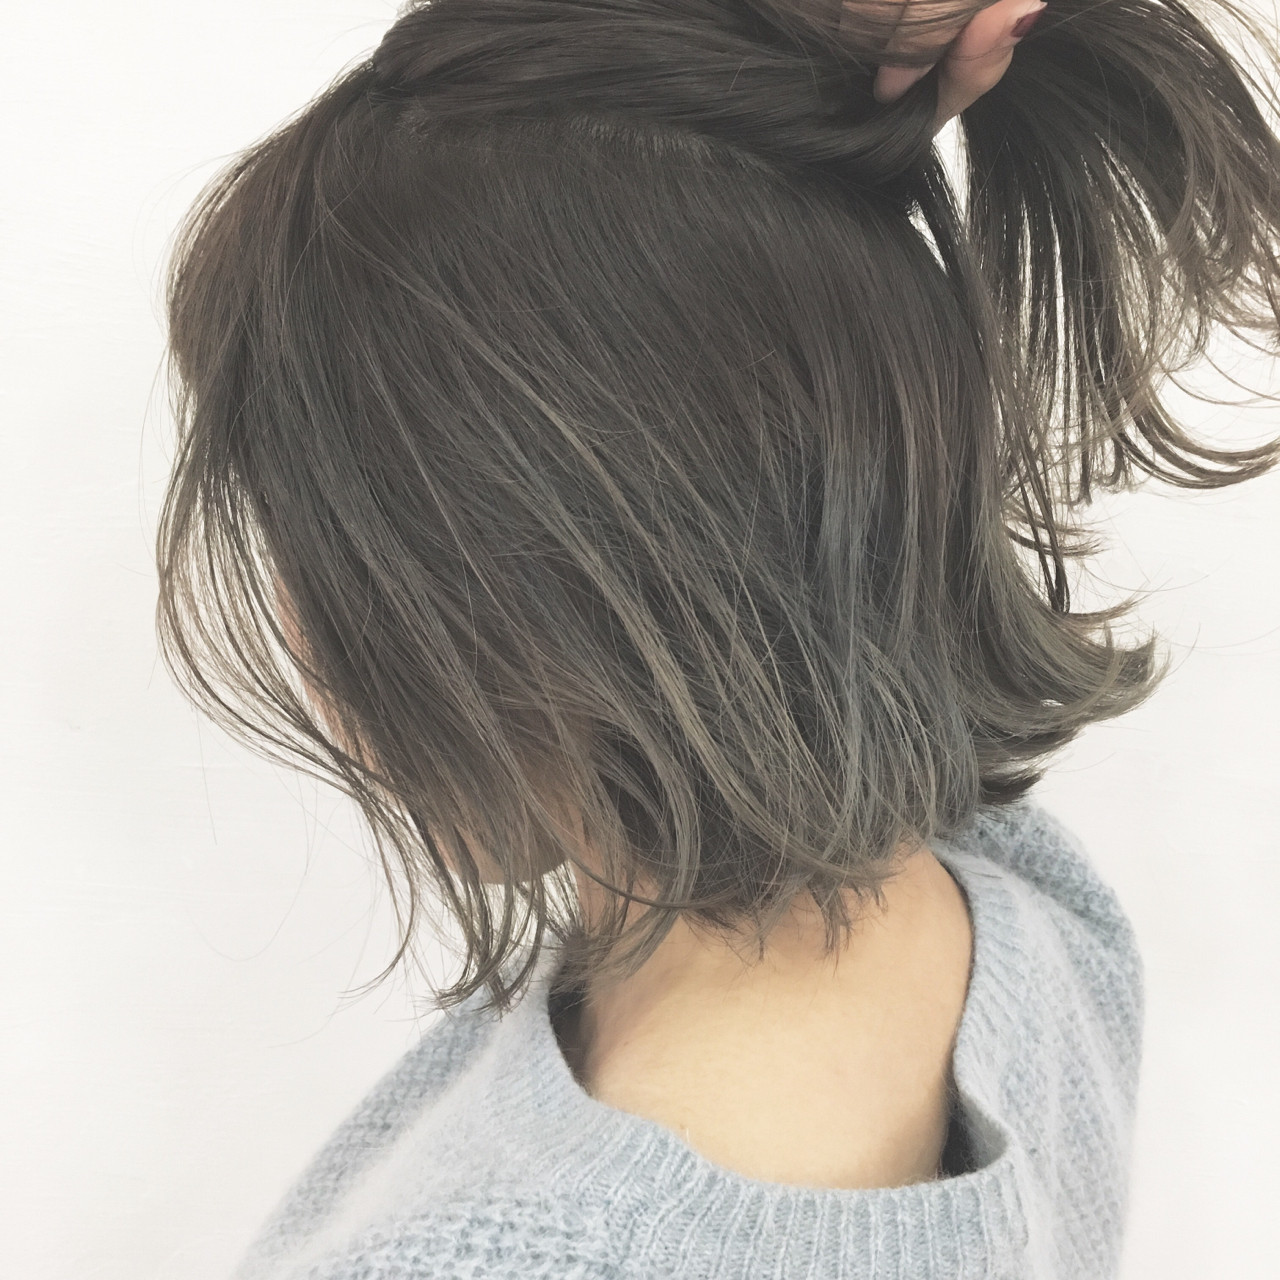 ハーフアップ グレージュ ボブ ナチュラル ヘアスタイルや髪型の写真・画像 | 津村正和/大阪心斎橋 / freelance